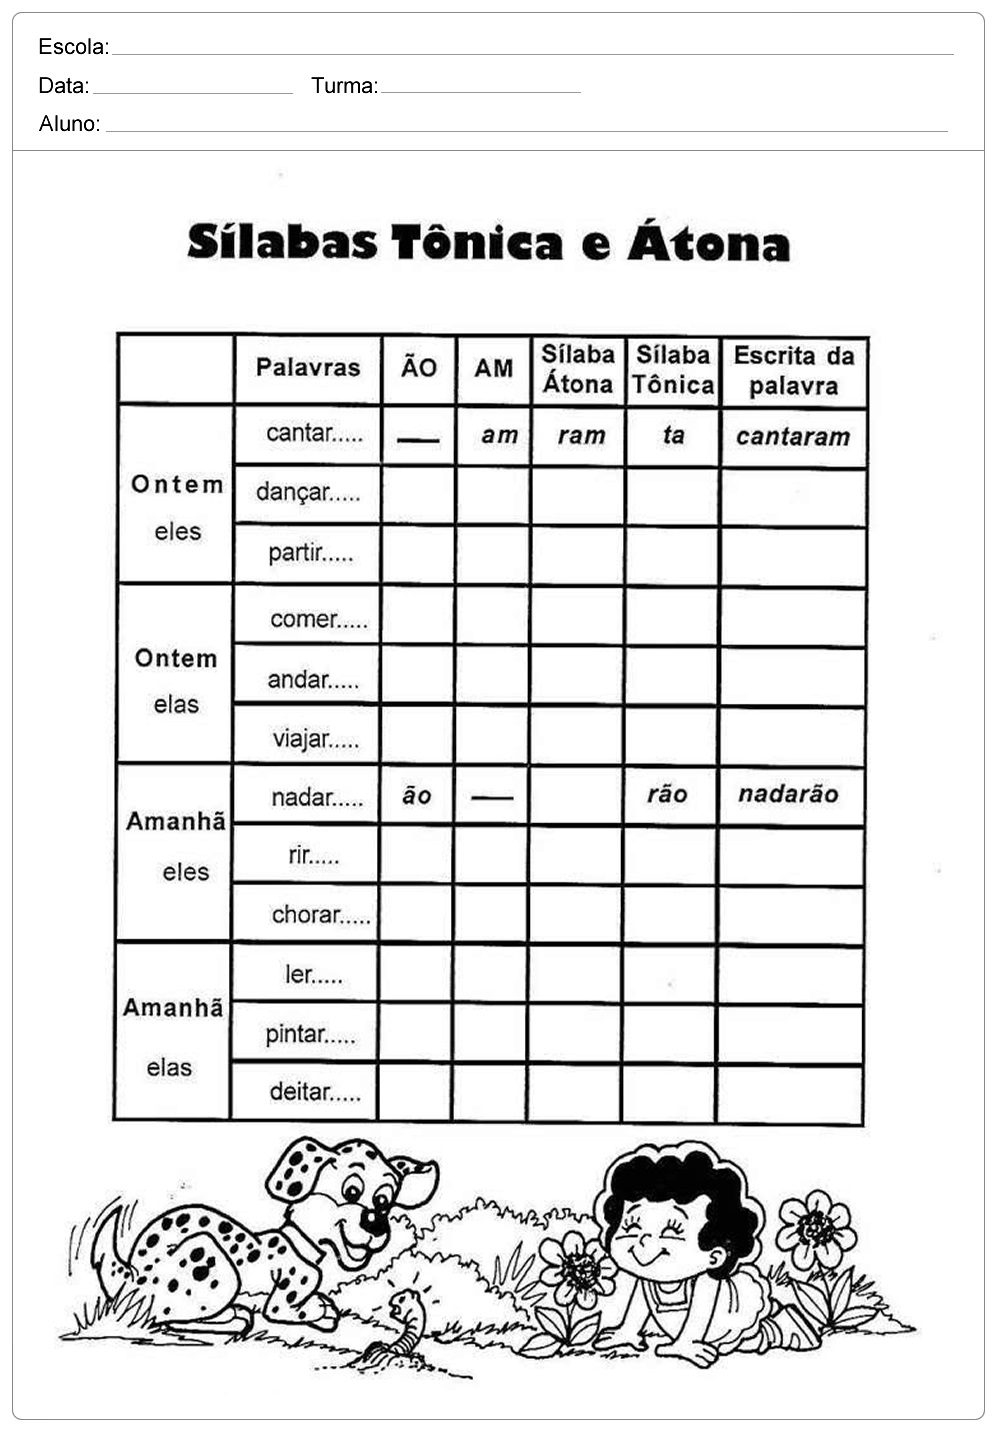 atividades-de-portugues-4-ano-silabas-tonica-e-atona